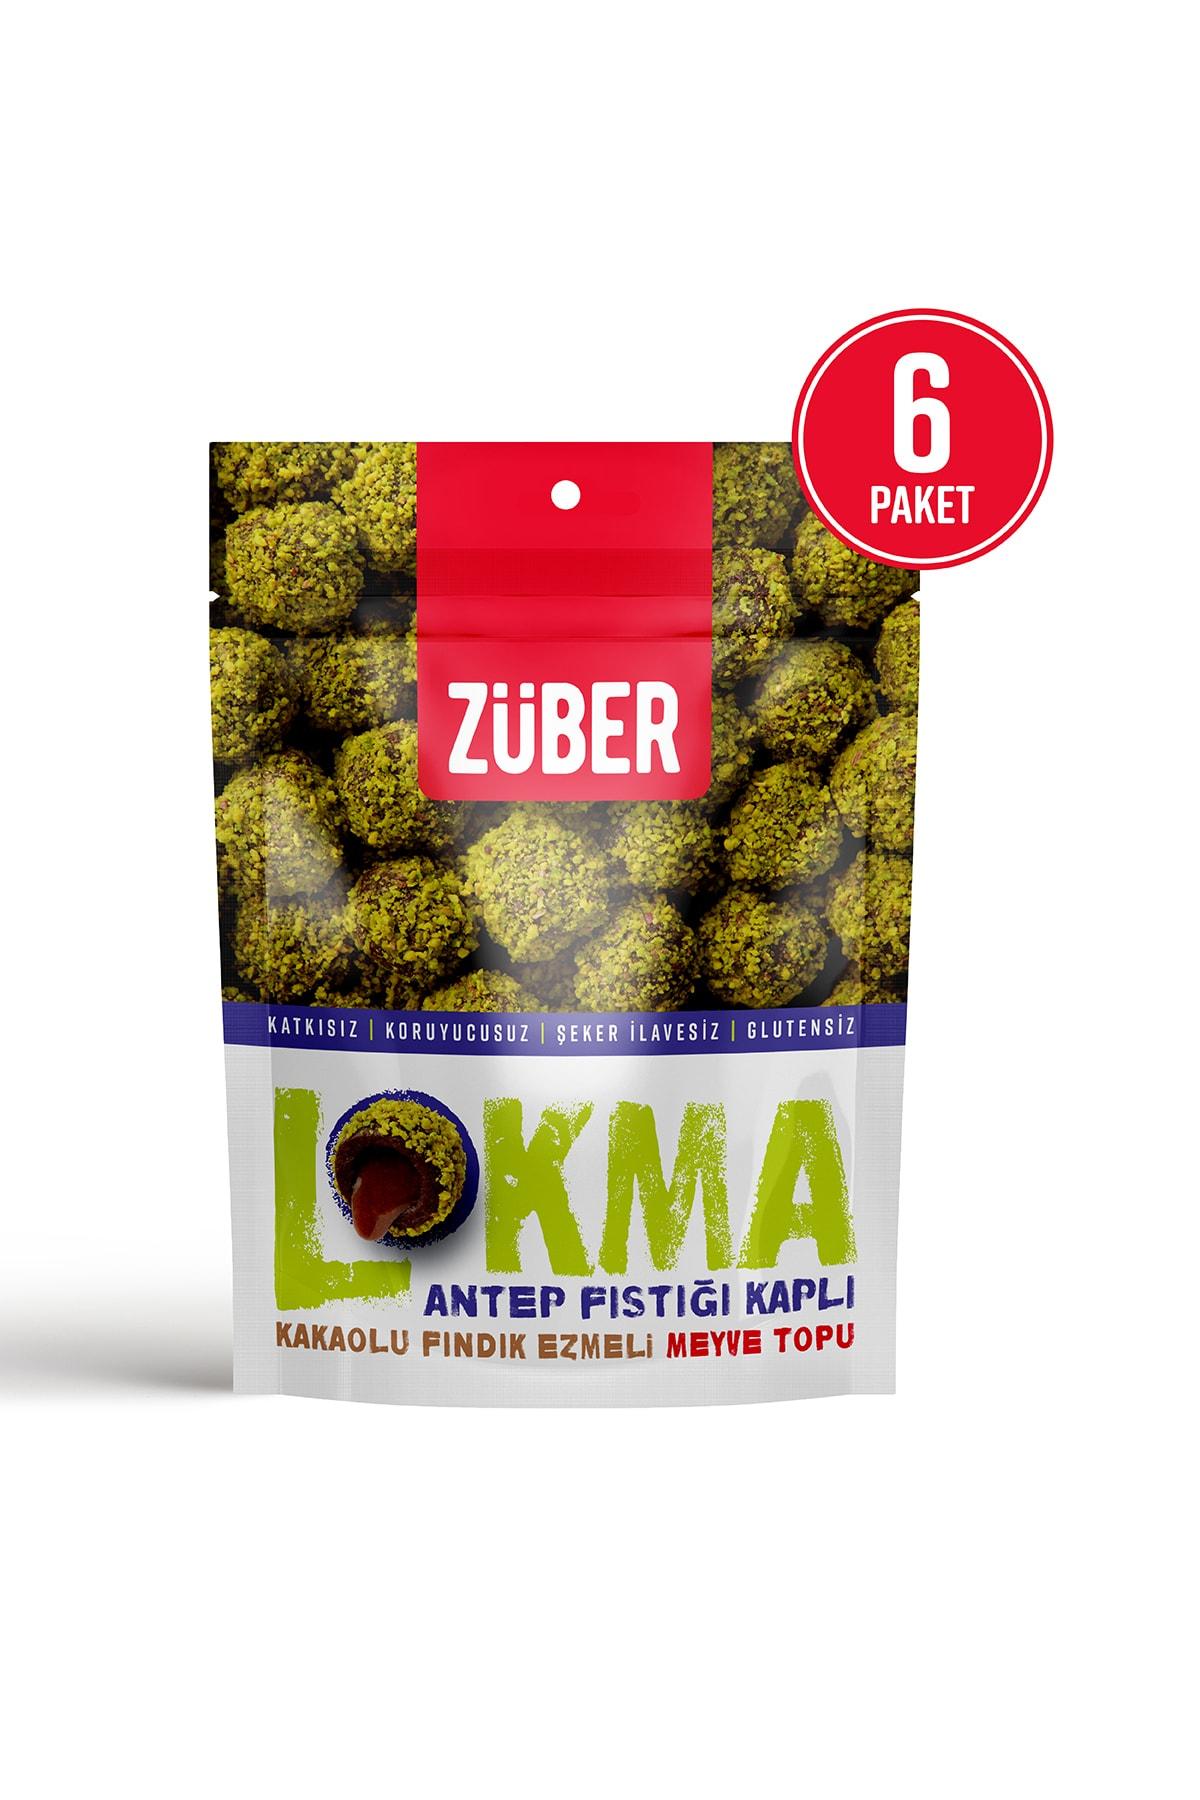 Züber Antep Fıstığı Kaplı Kakaolu Fındık Ezmeli Meyve Topu 96g X 6 Paket 2